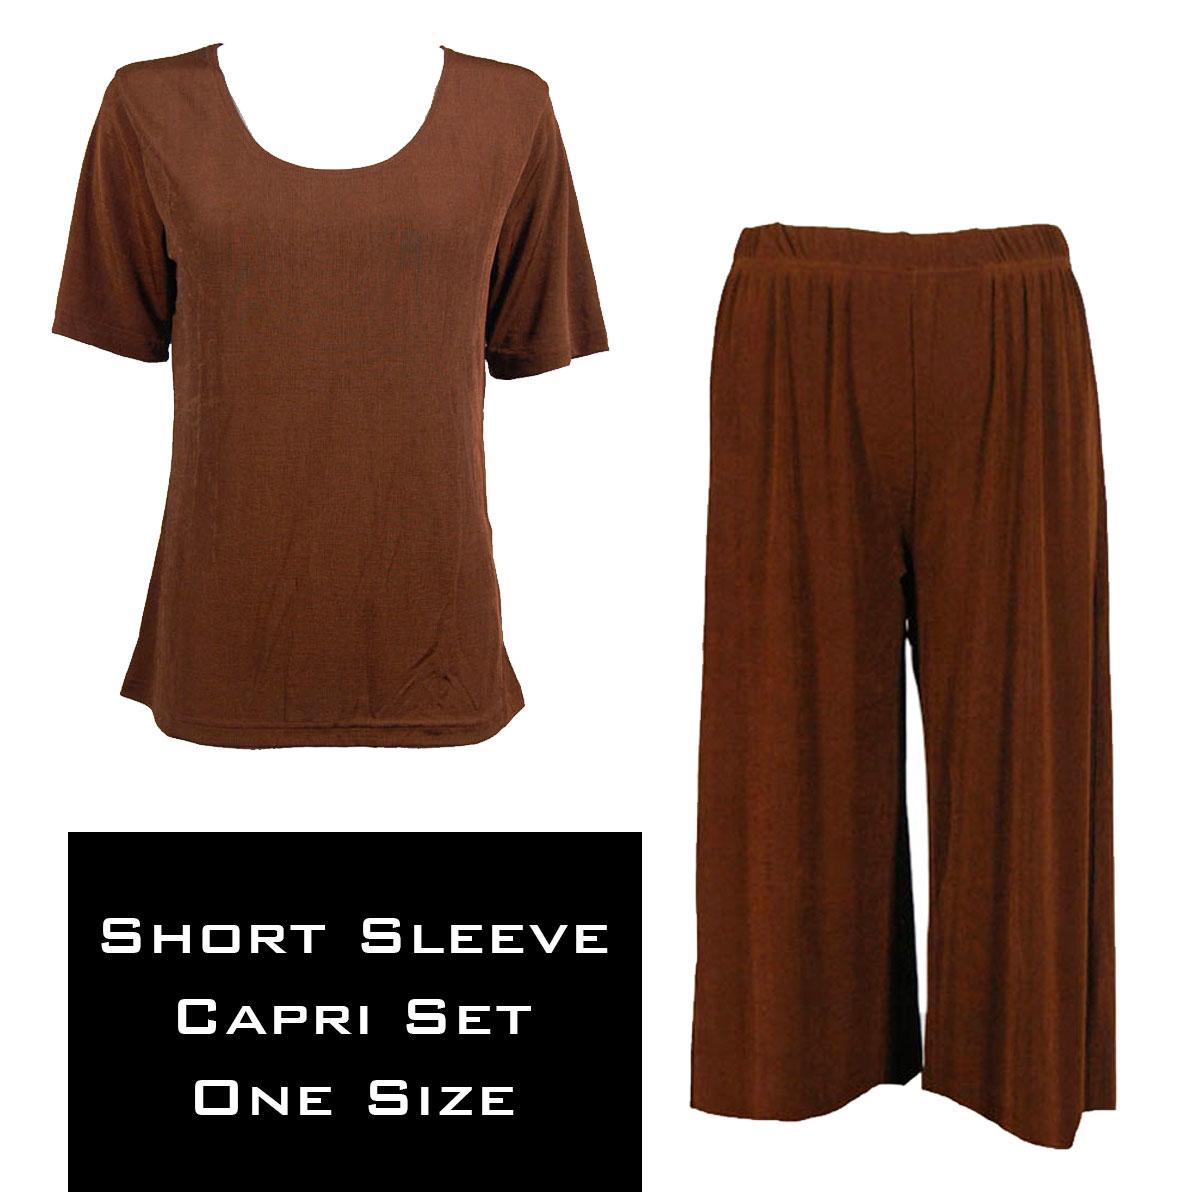 Slinky - Short Sleeve Sets SST